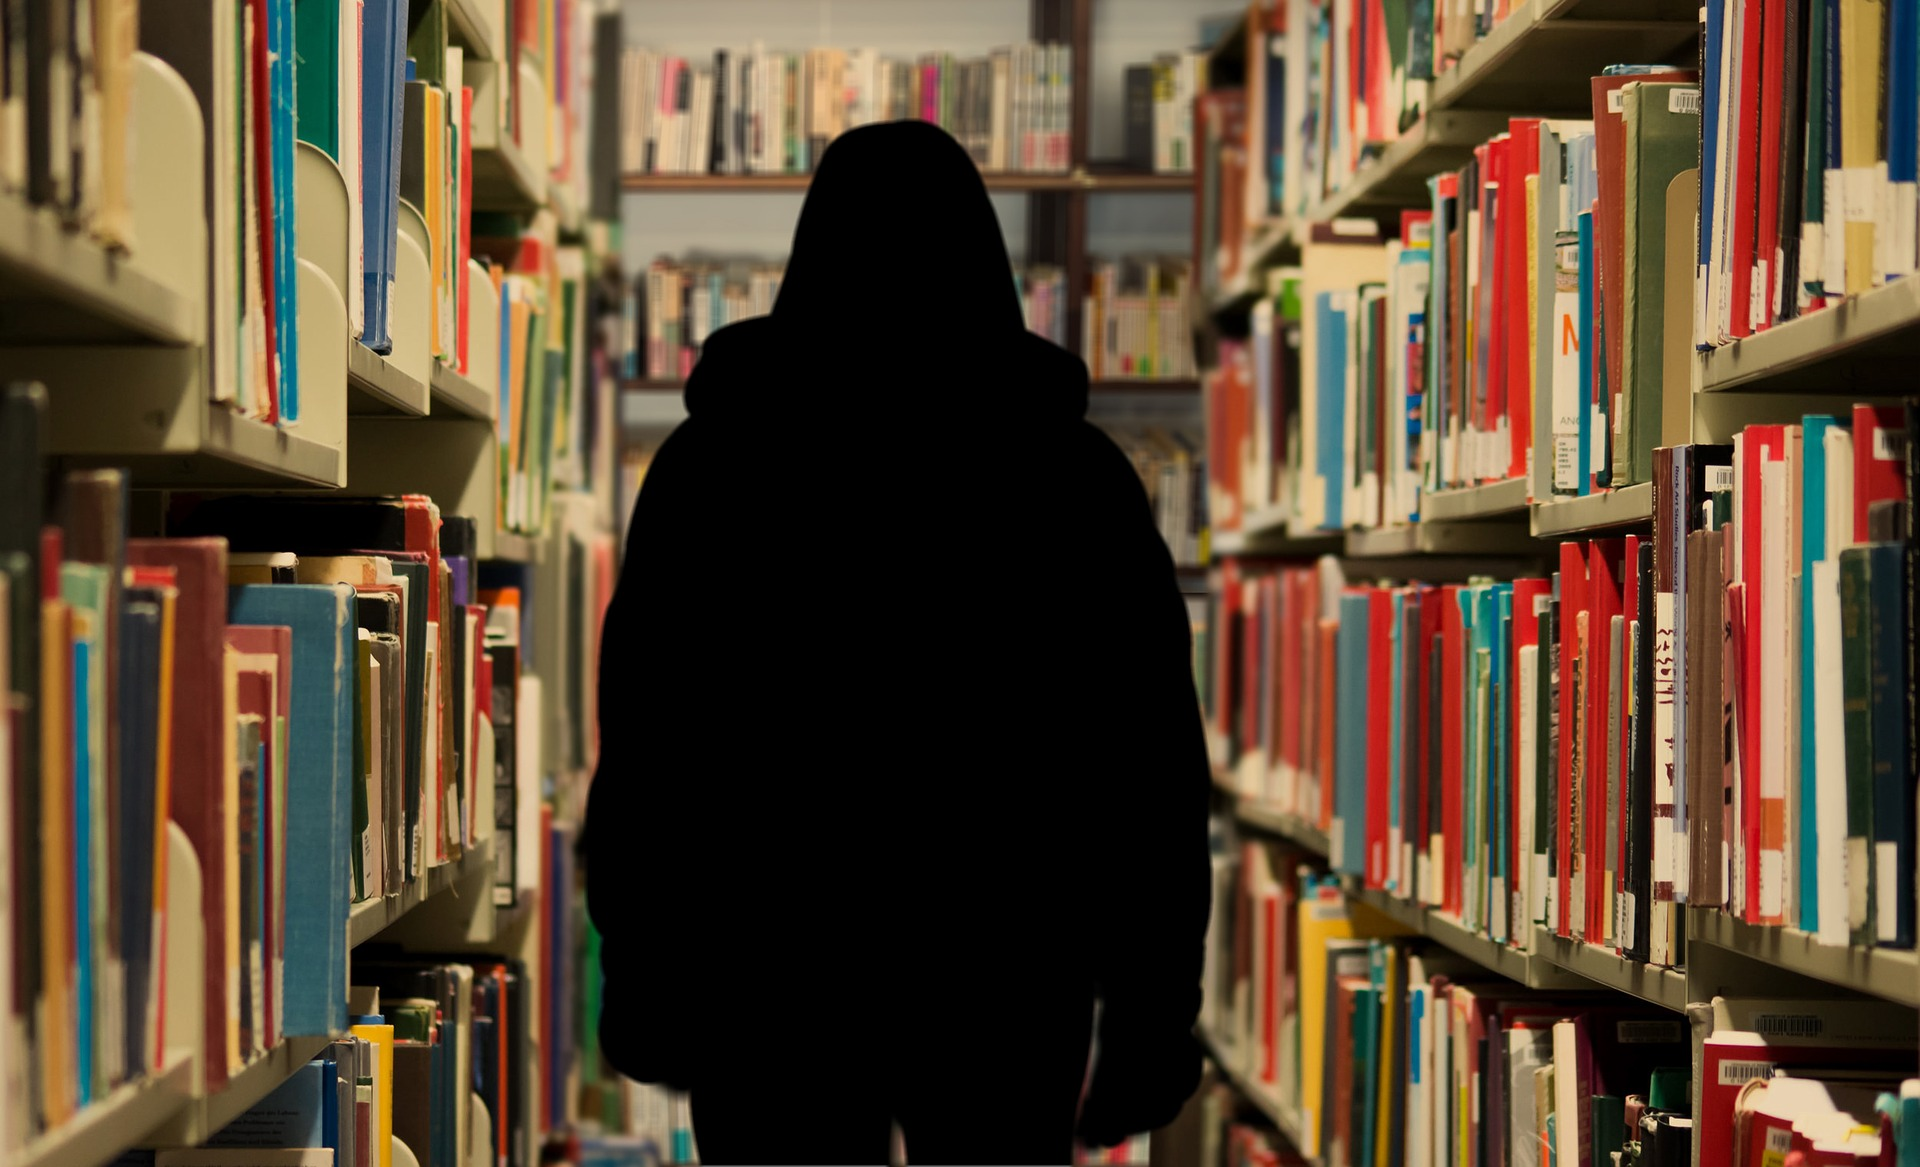 La ricerca umanistica e la pandemia: le biblioteche sono i nostri laboratori